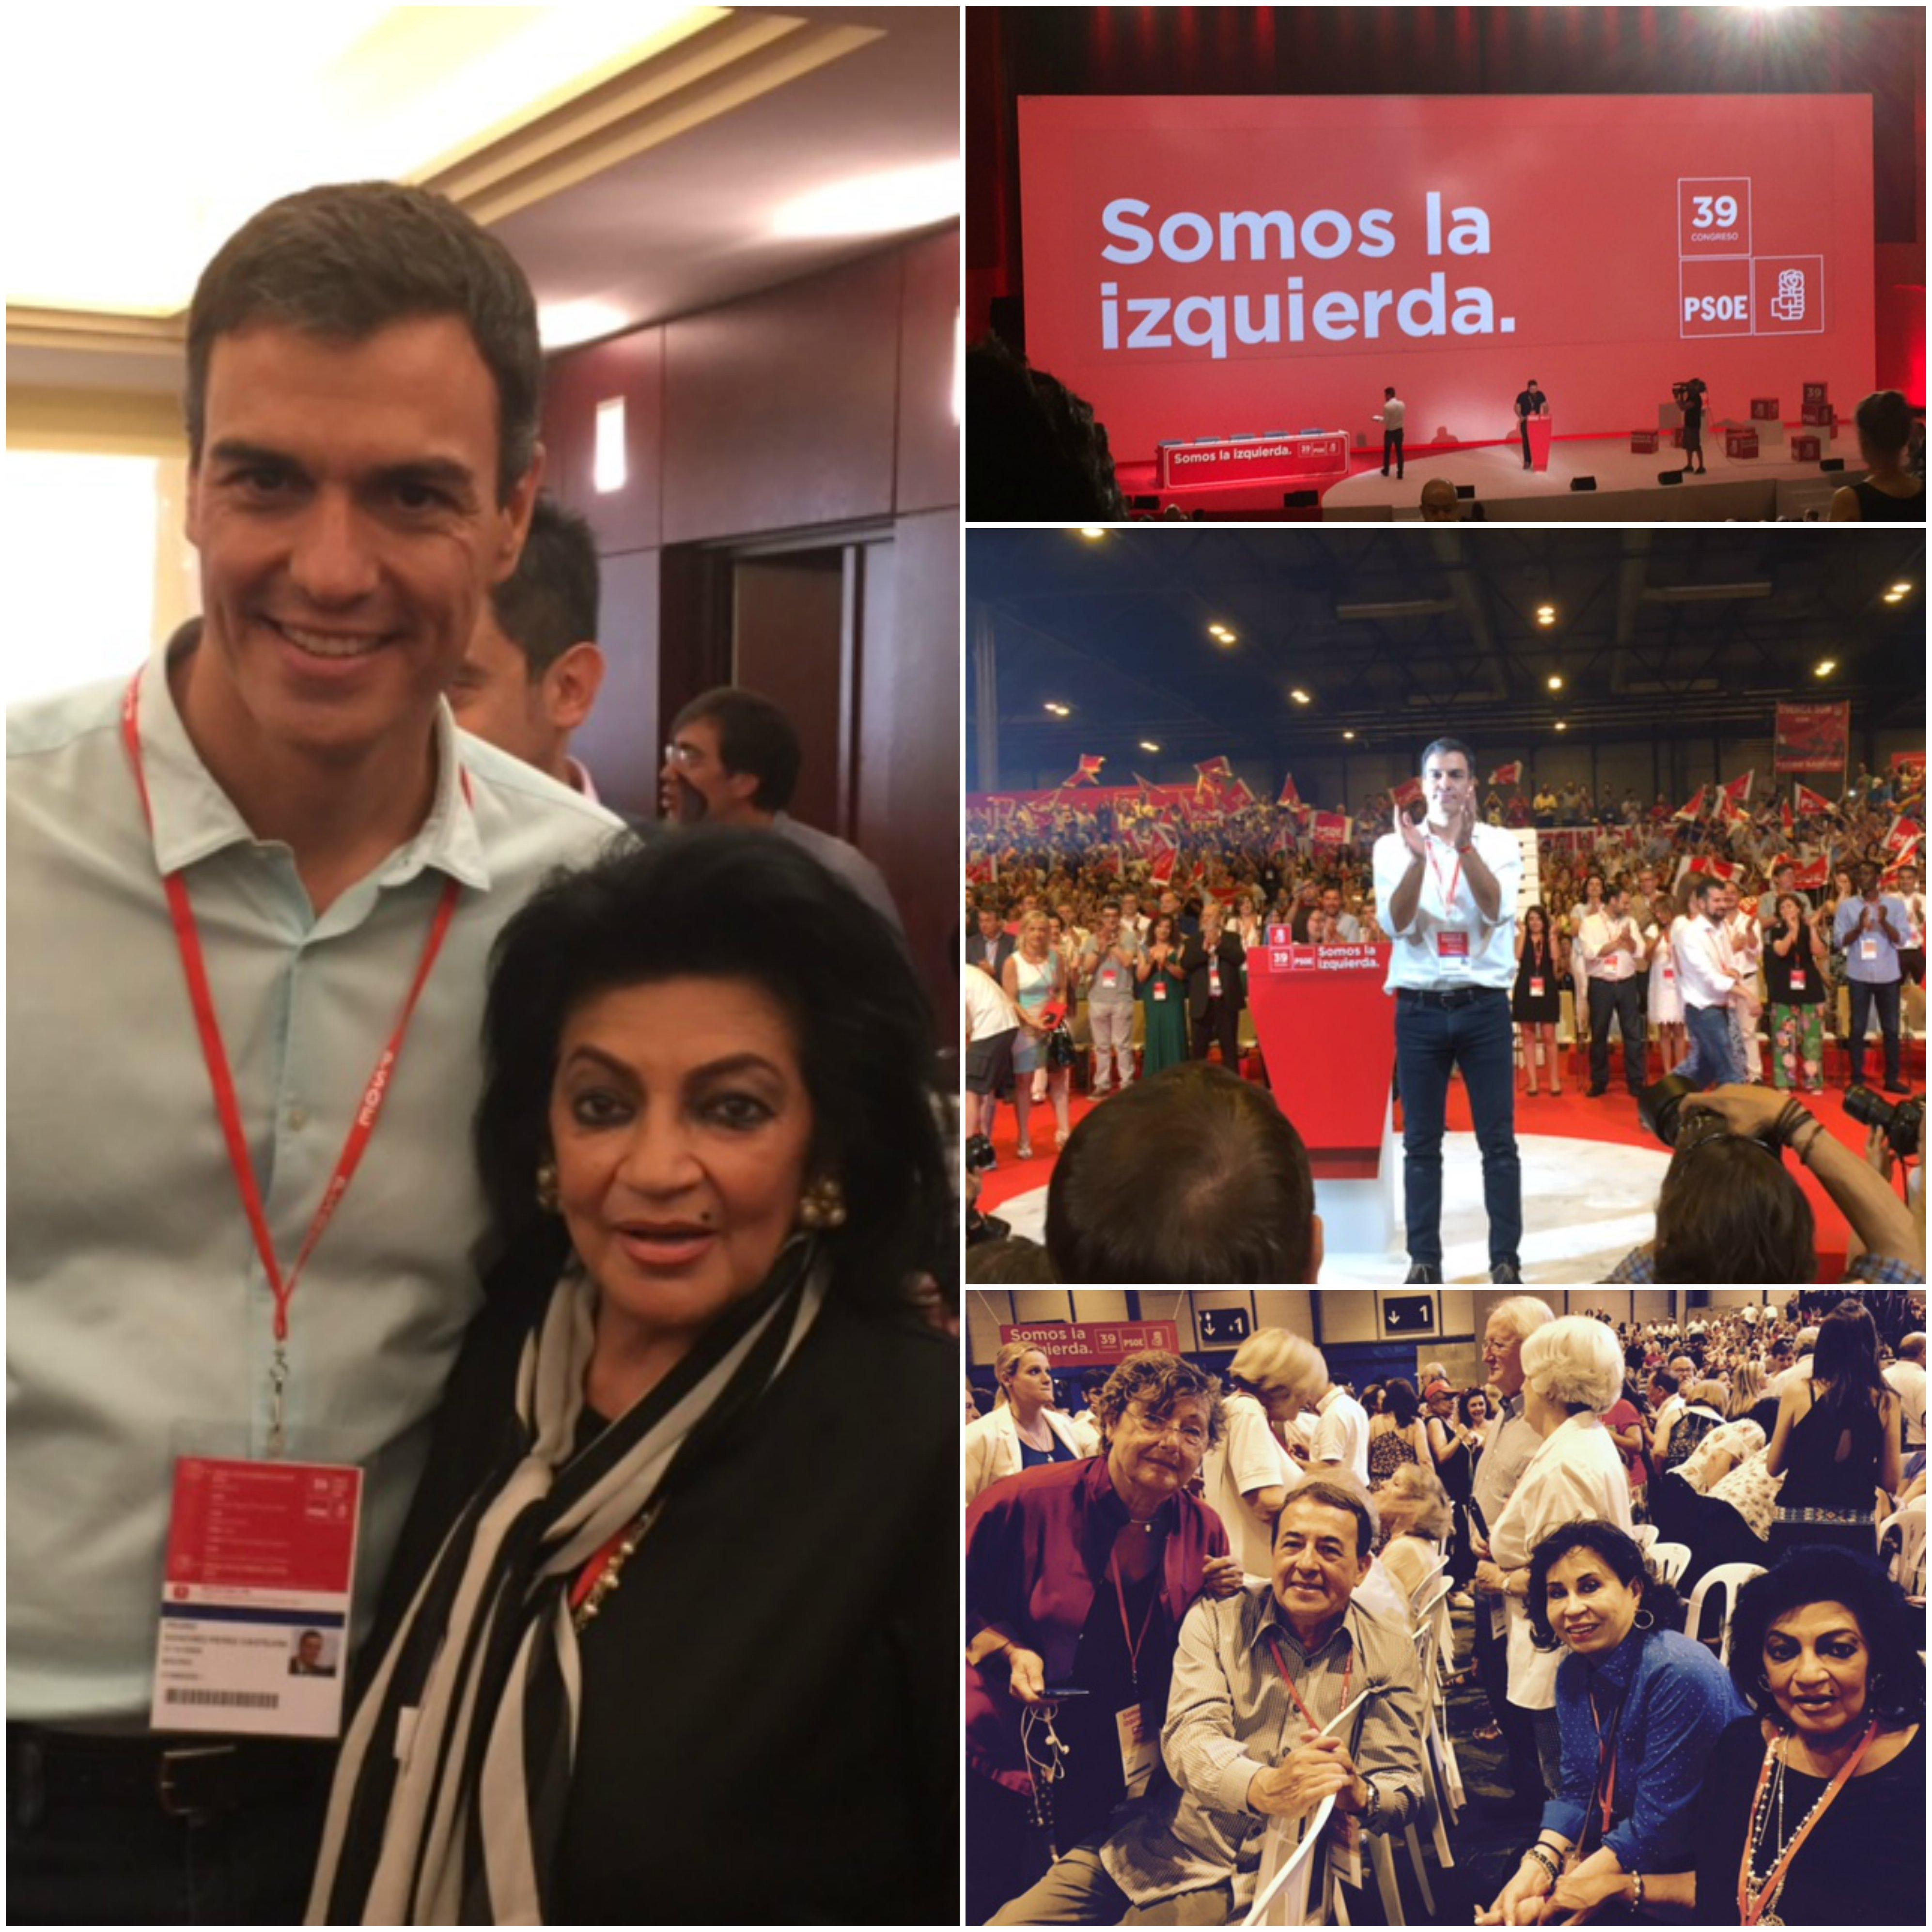 LA SECRETARÍA DE ASUNTOS INTERNACIONALES DEL CEN DEL PRI FUE INVITADA AL 39° CONGRESO FEDERAL DEL PARTIDO SOCIALISTA OBRERO ESPAÑOL PSOE